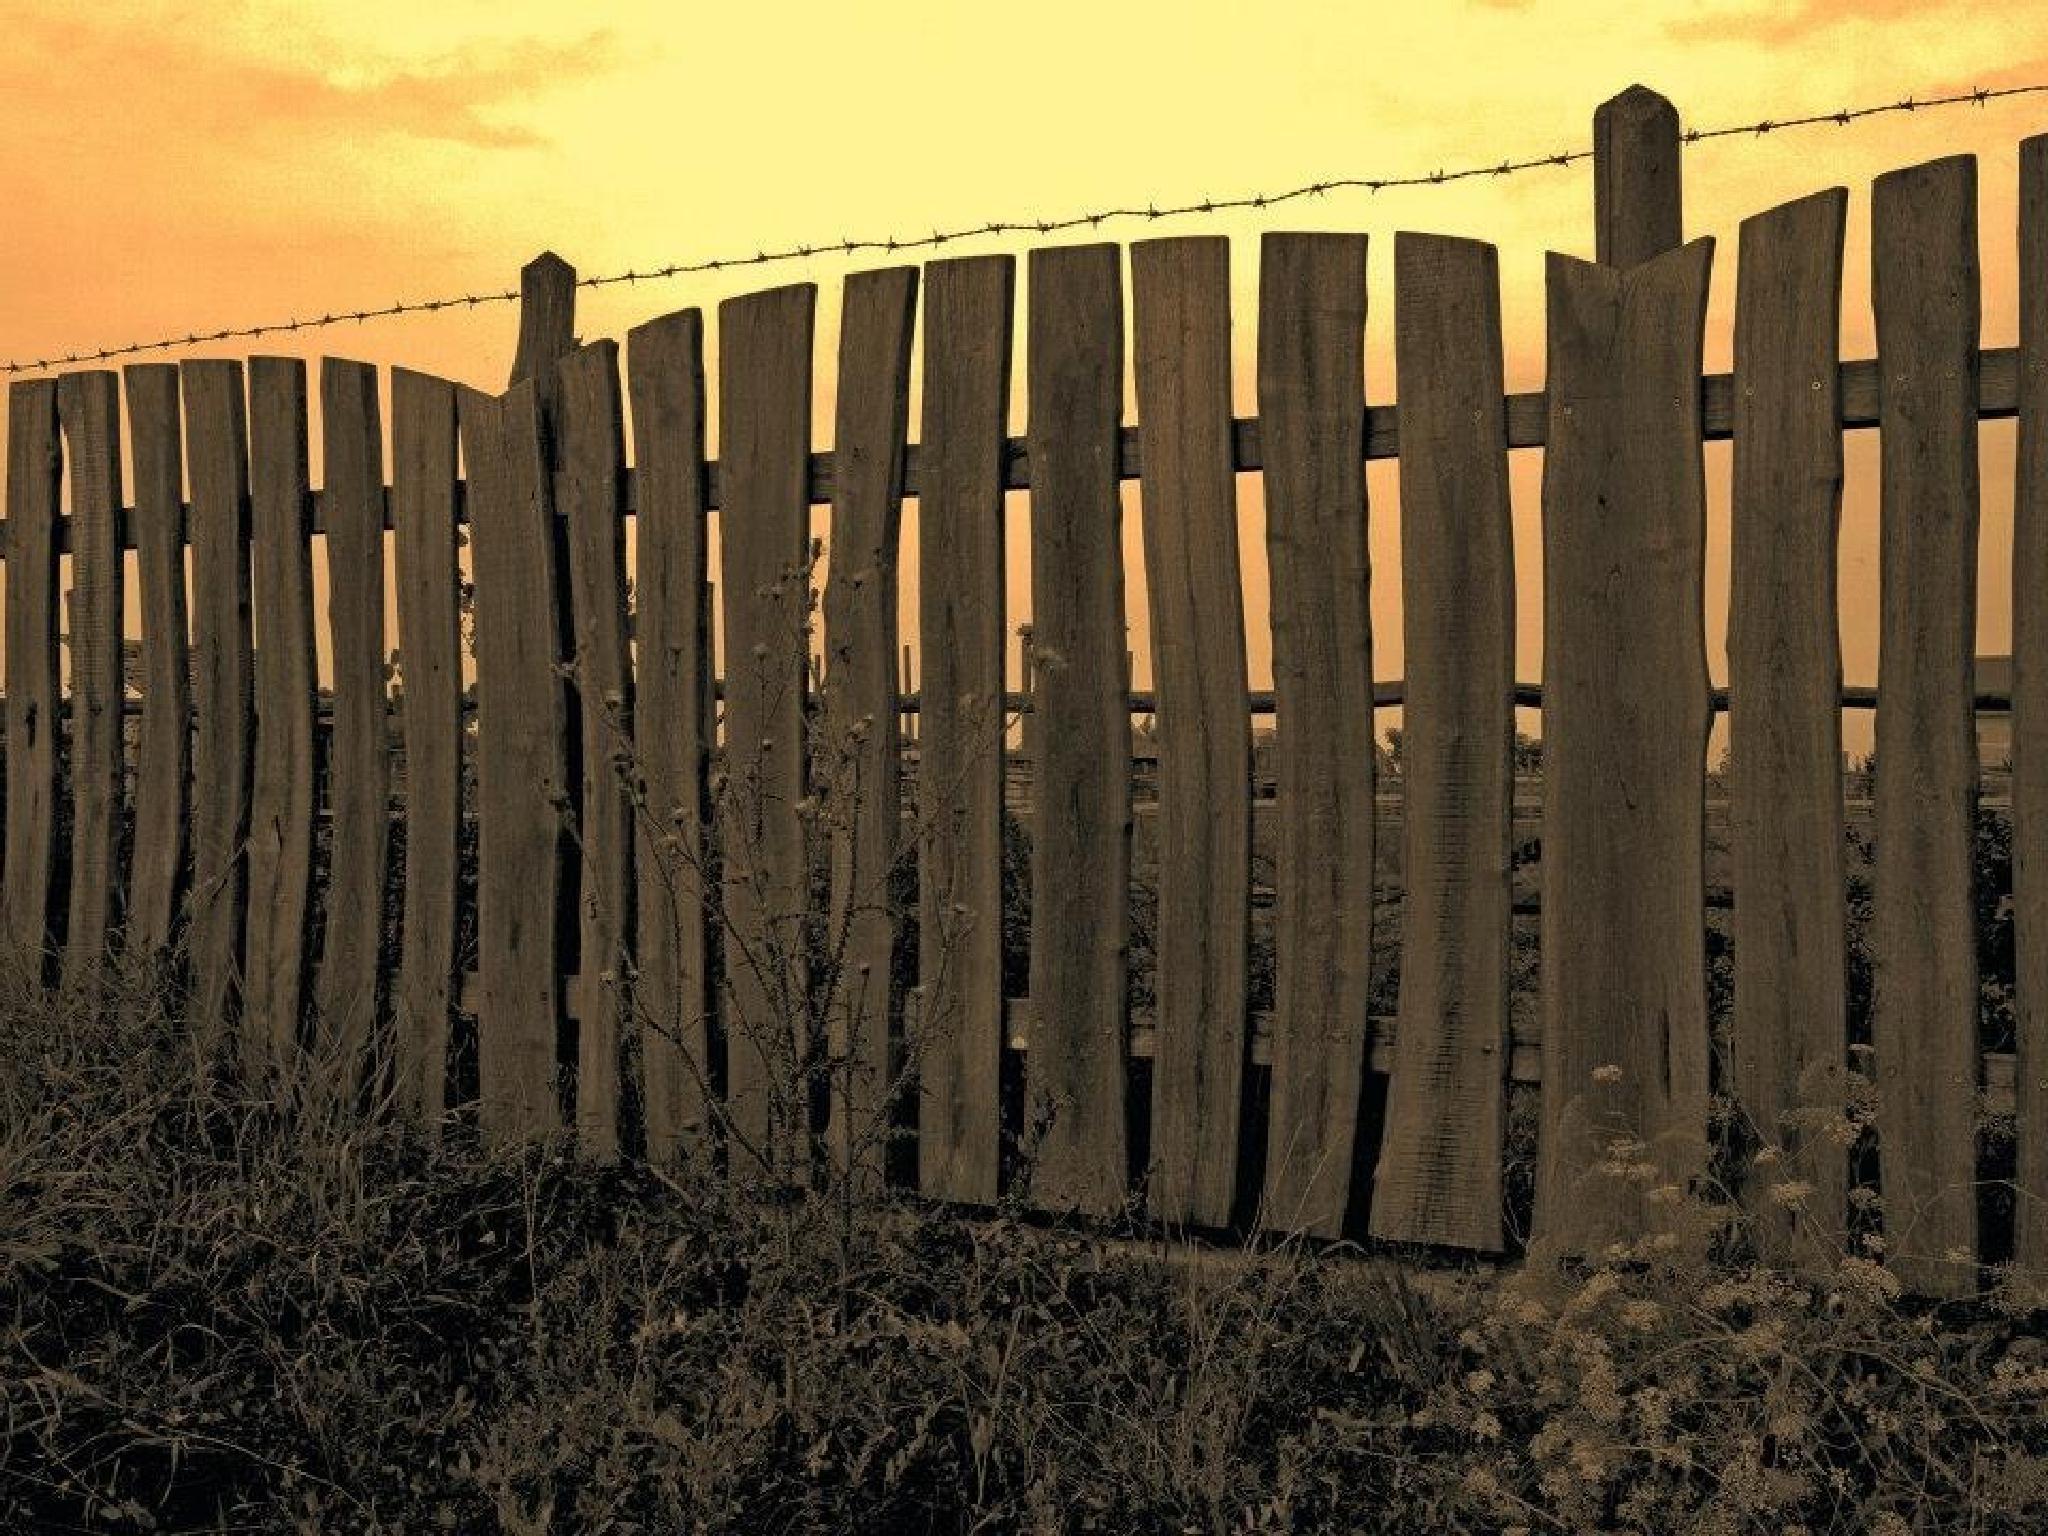 Fence by Kenéz Imre